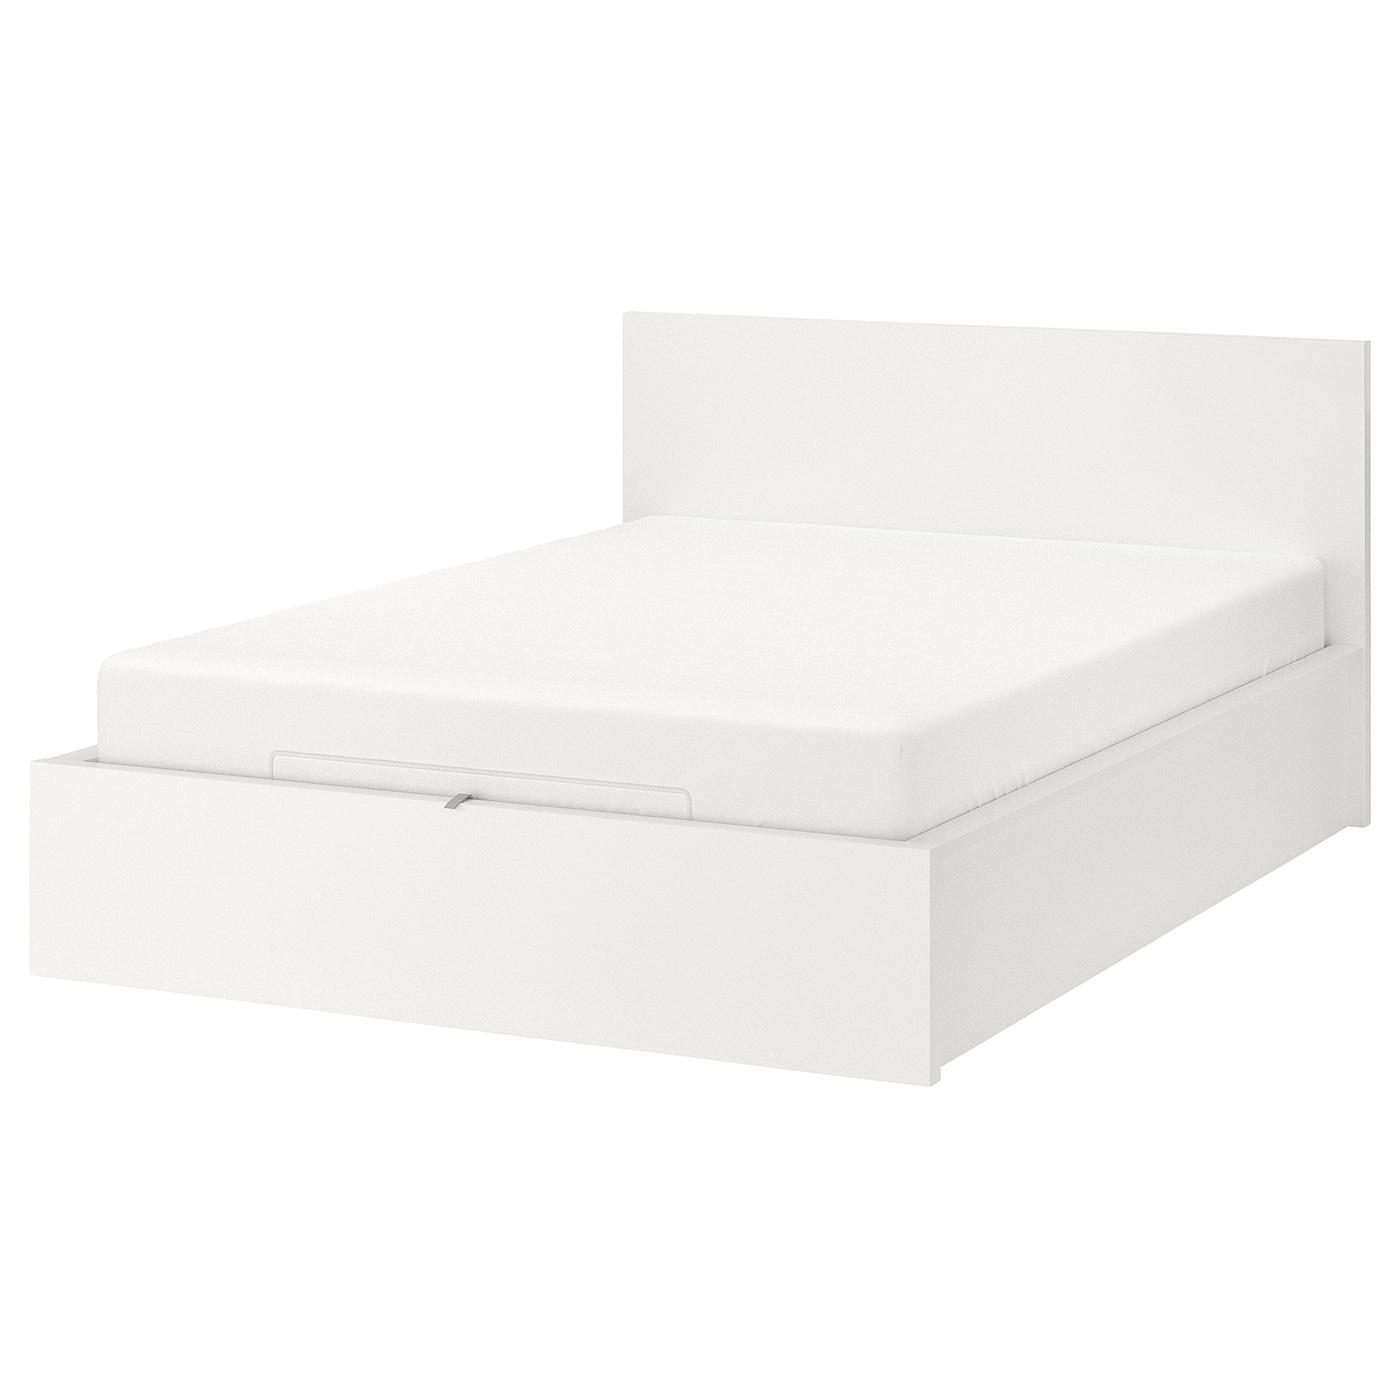 Malm Cadre Lit Coffre - Blanc 160X200 Cm avec Coffre De Jardin Ikea